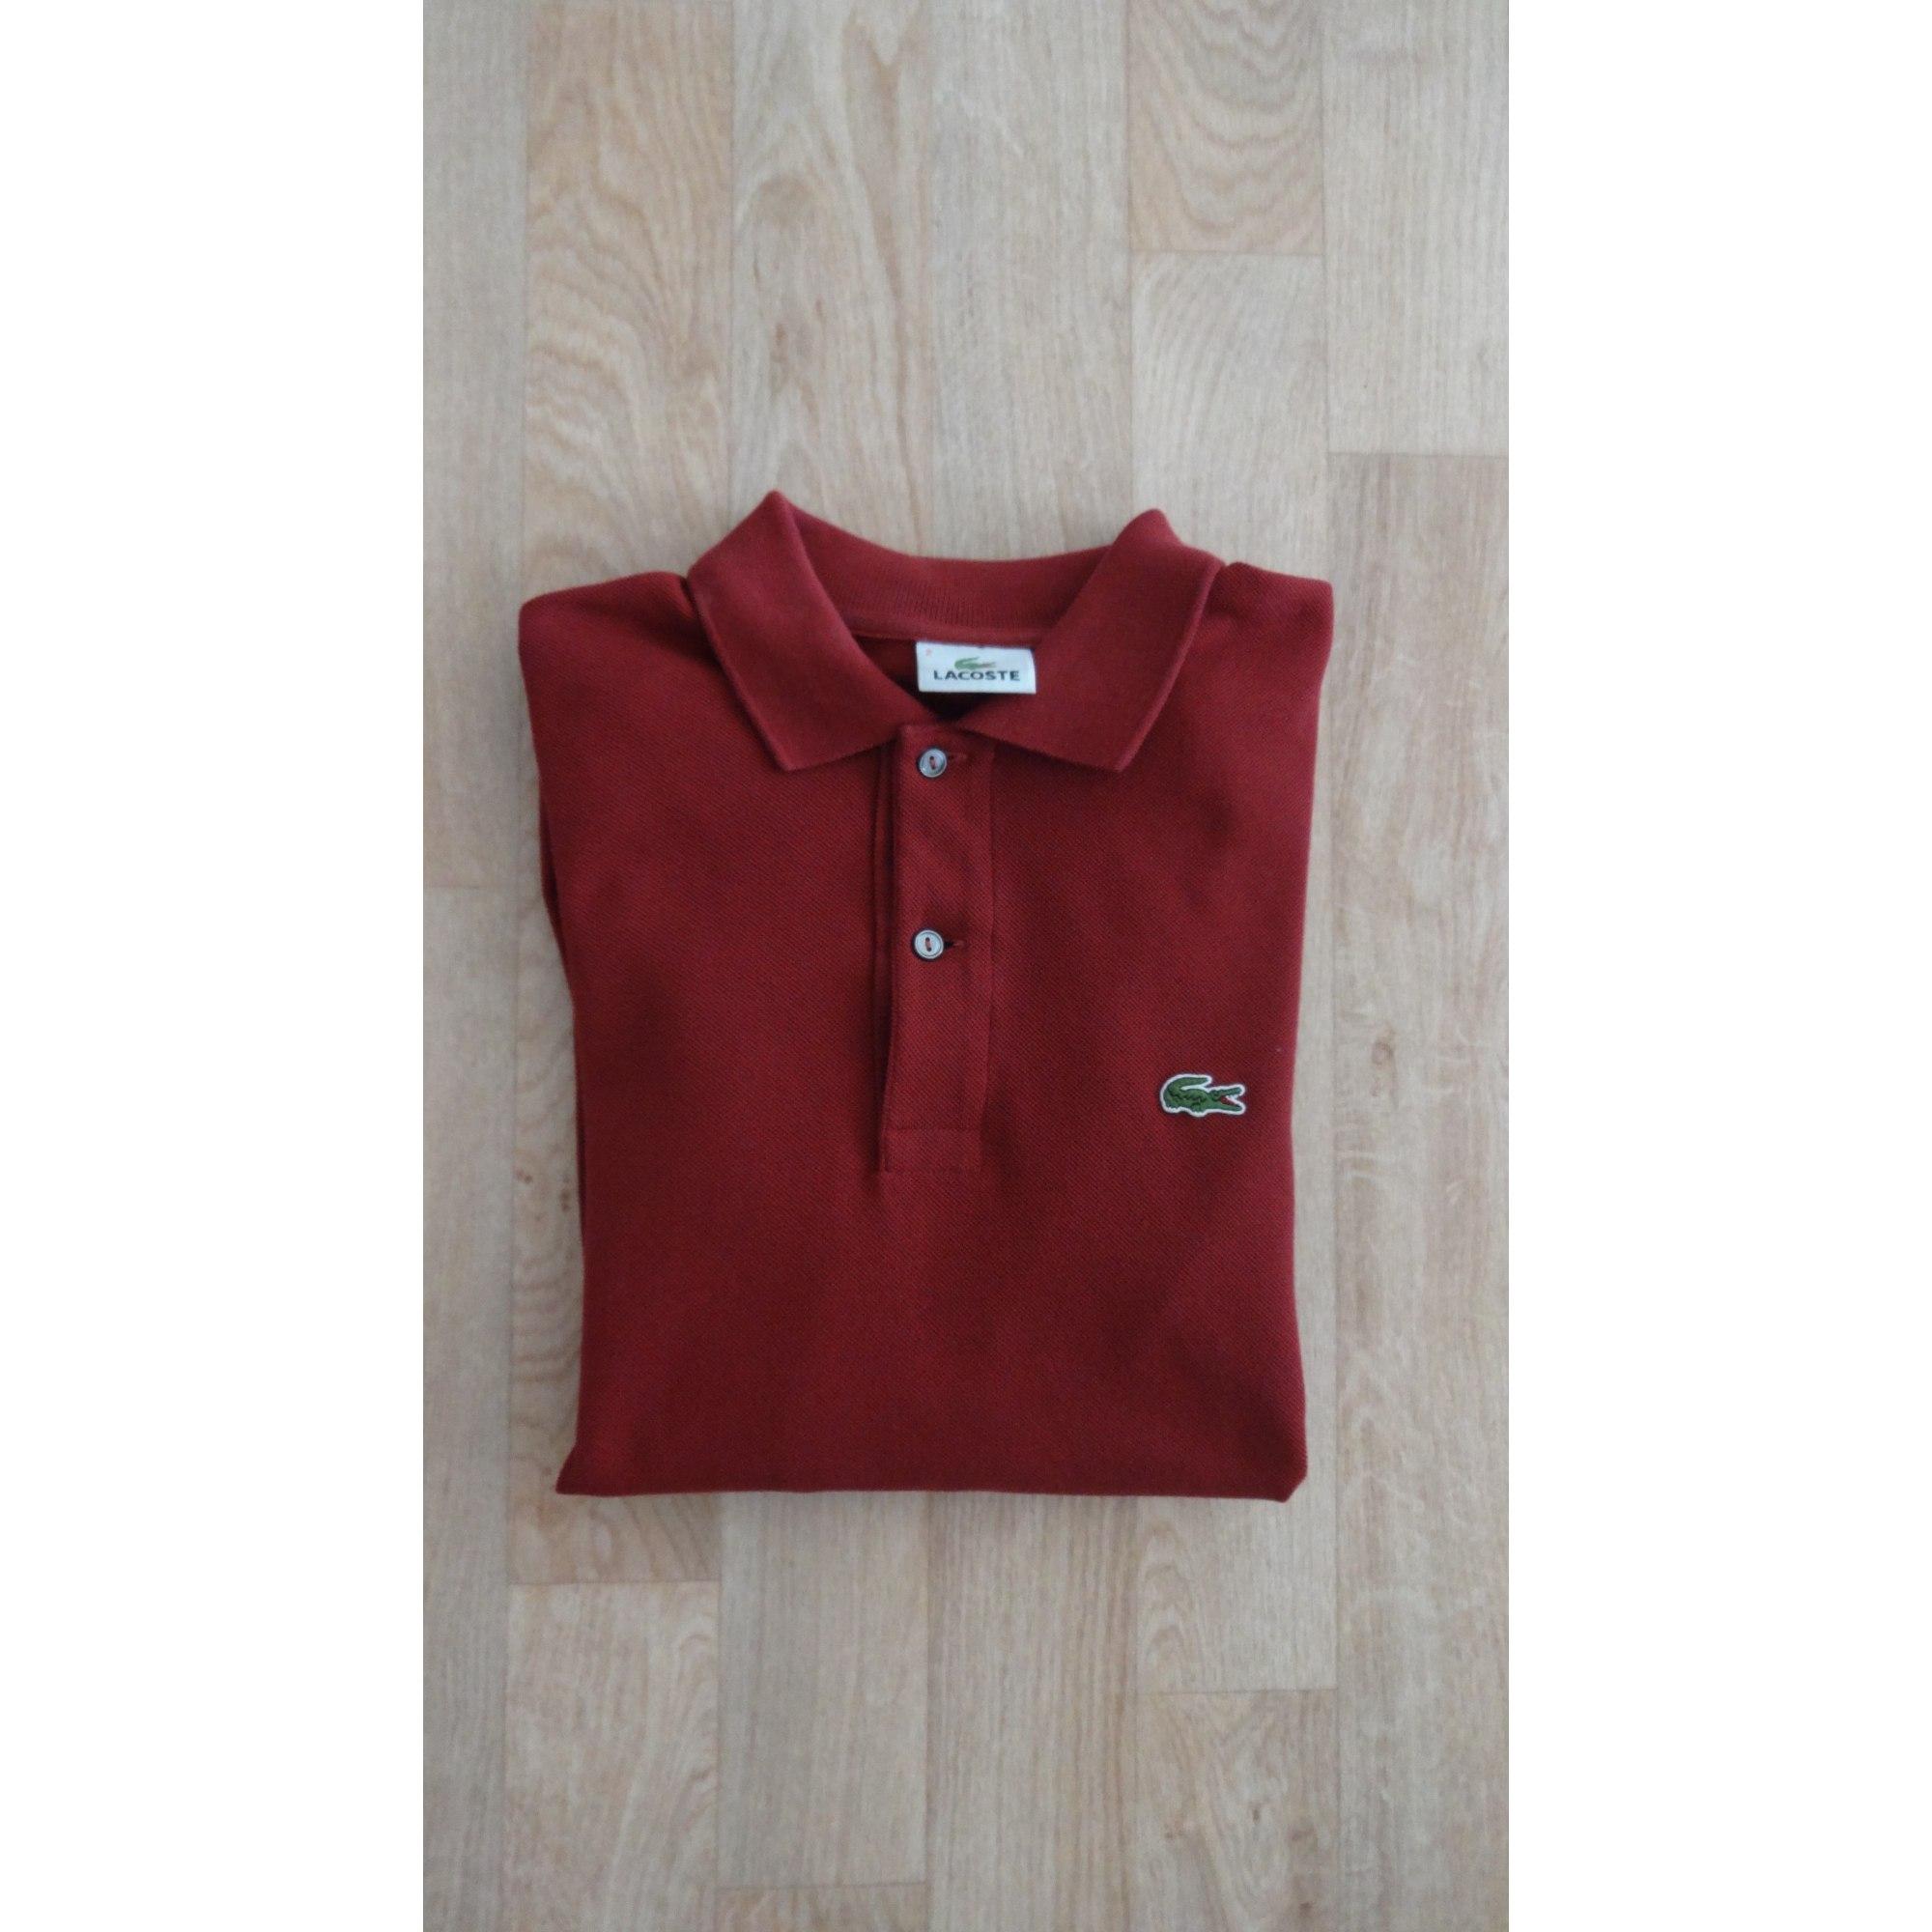 5de4a2f117 Polo LACOSTE 1 (S) rouge vendu par Pierrelille - 3472153